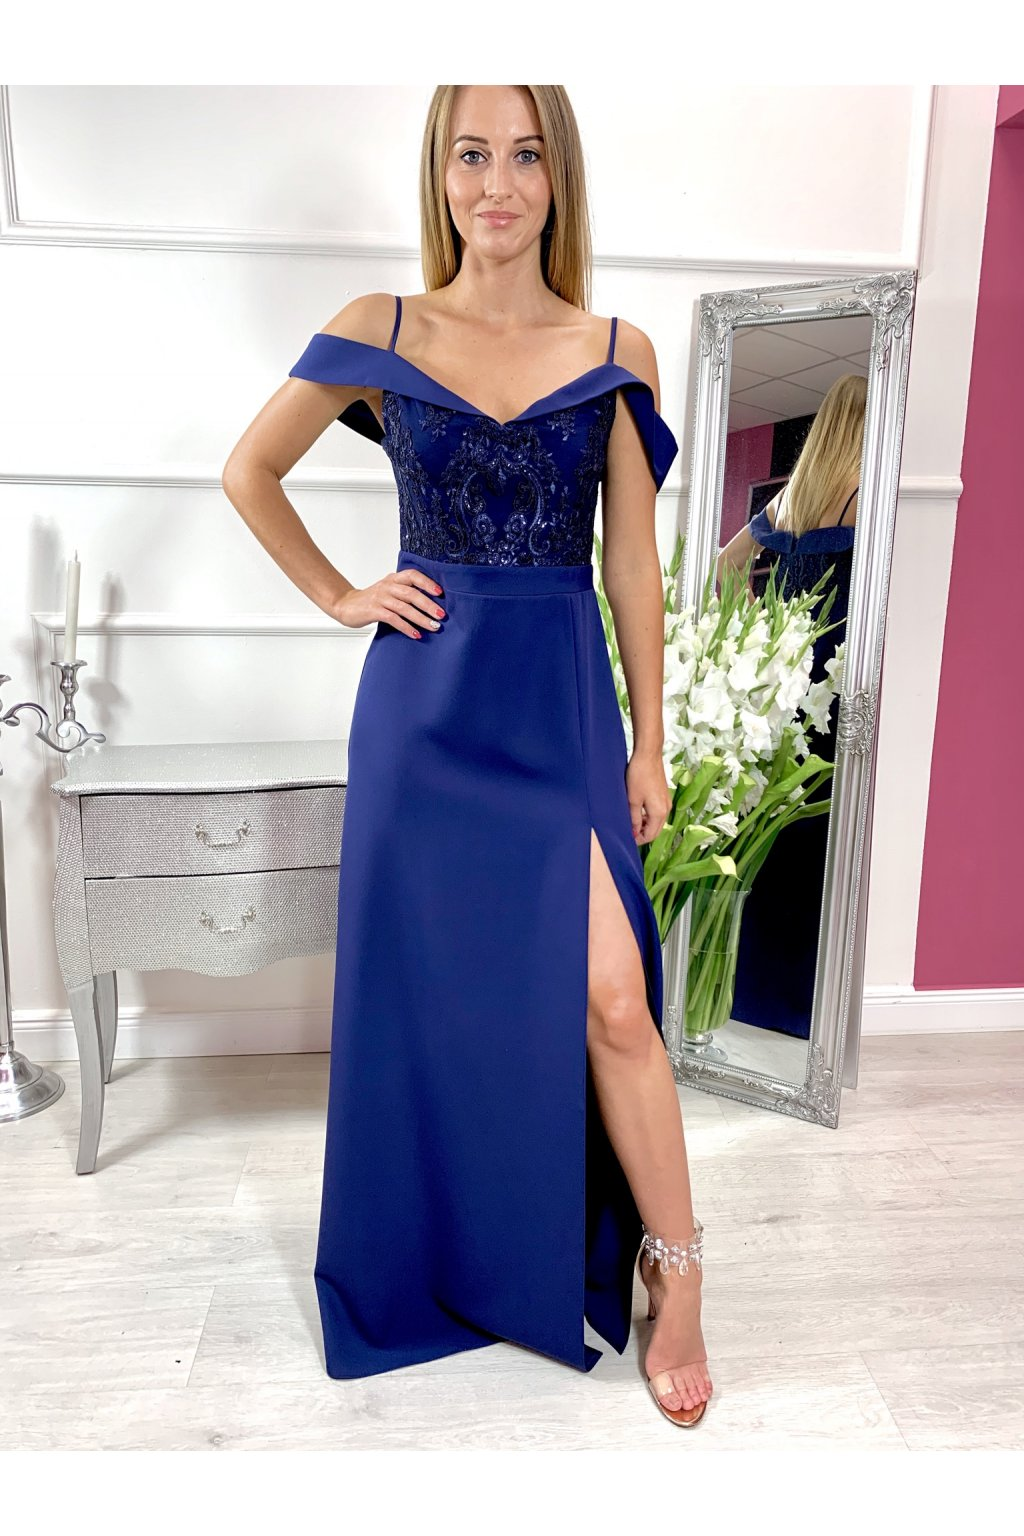 SARA dámske dlhé spoločenské šaty - navy modré